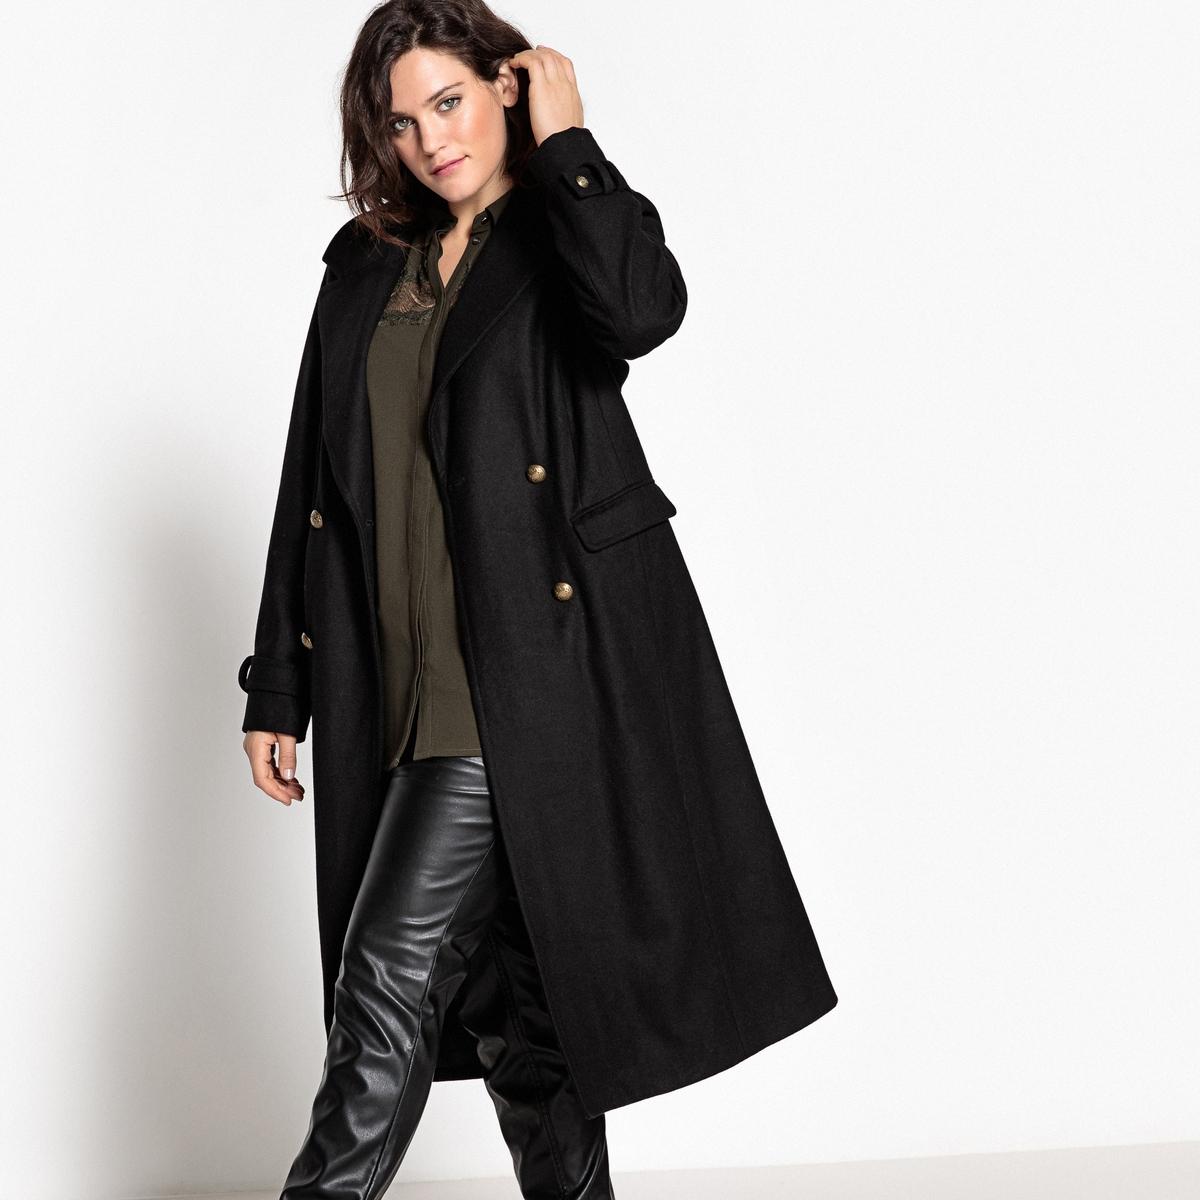 ПальтоОписание:Длинное изящное пальто в стиле милитари. Длинное пальто в стиле милитари из шерстяного драпа - неотъемлемый предмет зимнего гардероба.Детали •  Длина : удлиненная модель •  Воротник-поло, рубашечный • Застежка на пуговицыСостав и уход •  62% шерсти, 3% акрила, 7% полиамида, 28% полиэстера • Не стирать •  Деликатная сухая чистка / не отбеливать •  Не использовать барабанную сушку   •  Низкая температура глажки   ВАЖНО: Товар без манжетТовар из коллекции больших размеров •  Длина : 118,5 см<br><br>Цвет: черный<br>Размер: 56 (FR) - 62 (RUS).54 (FR) - 60 (RUS)